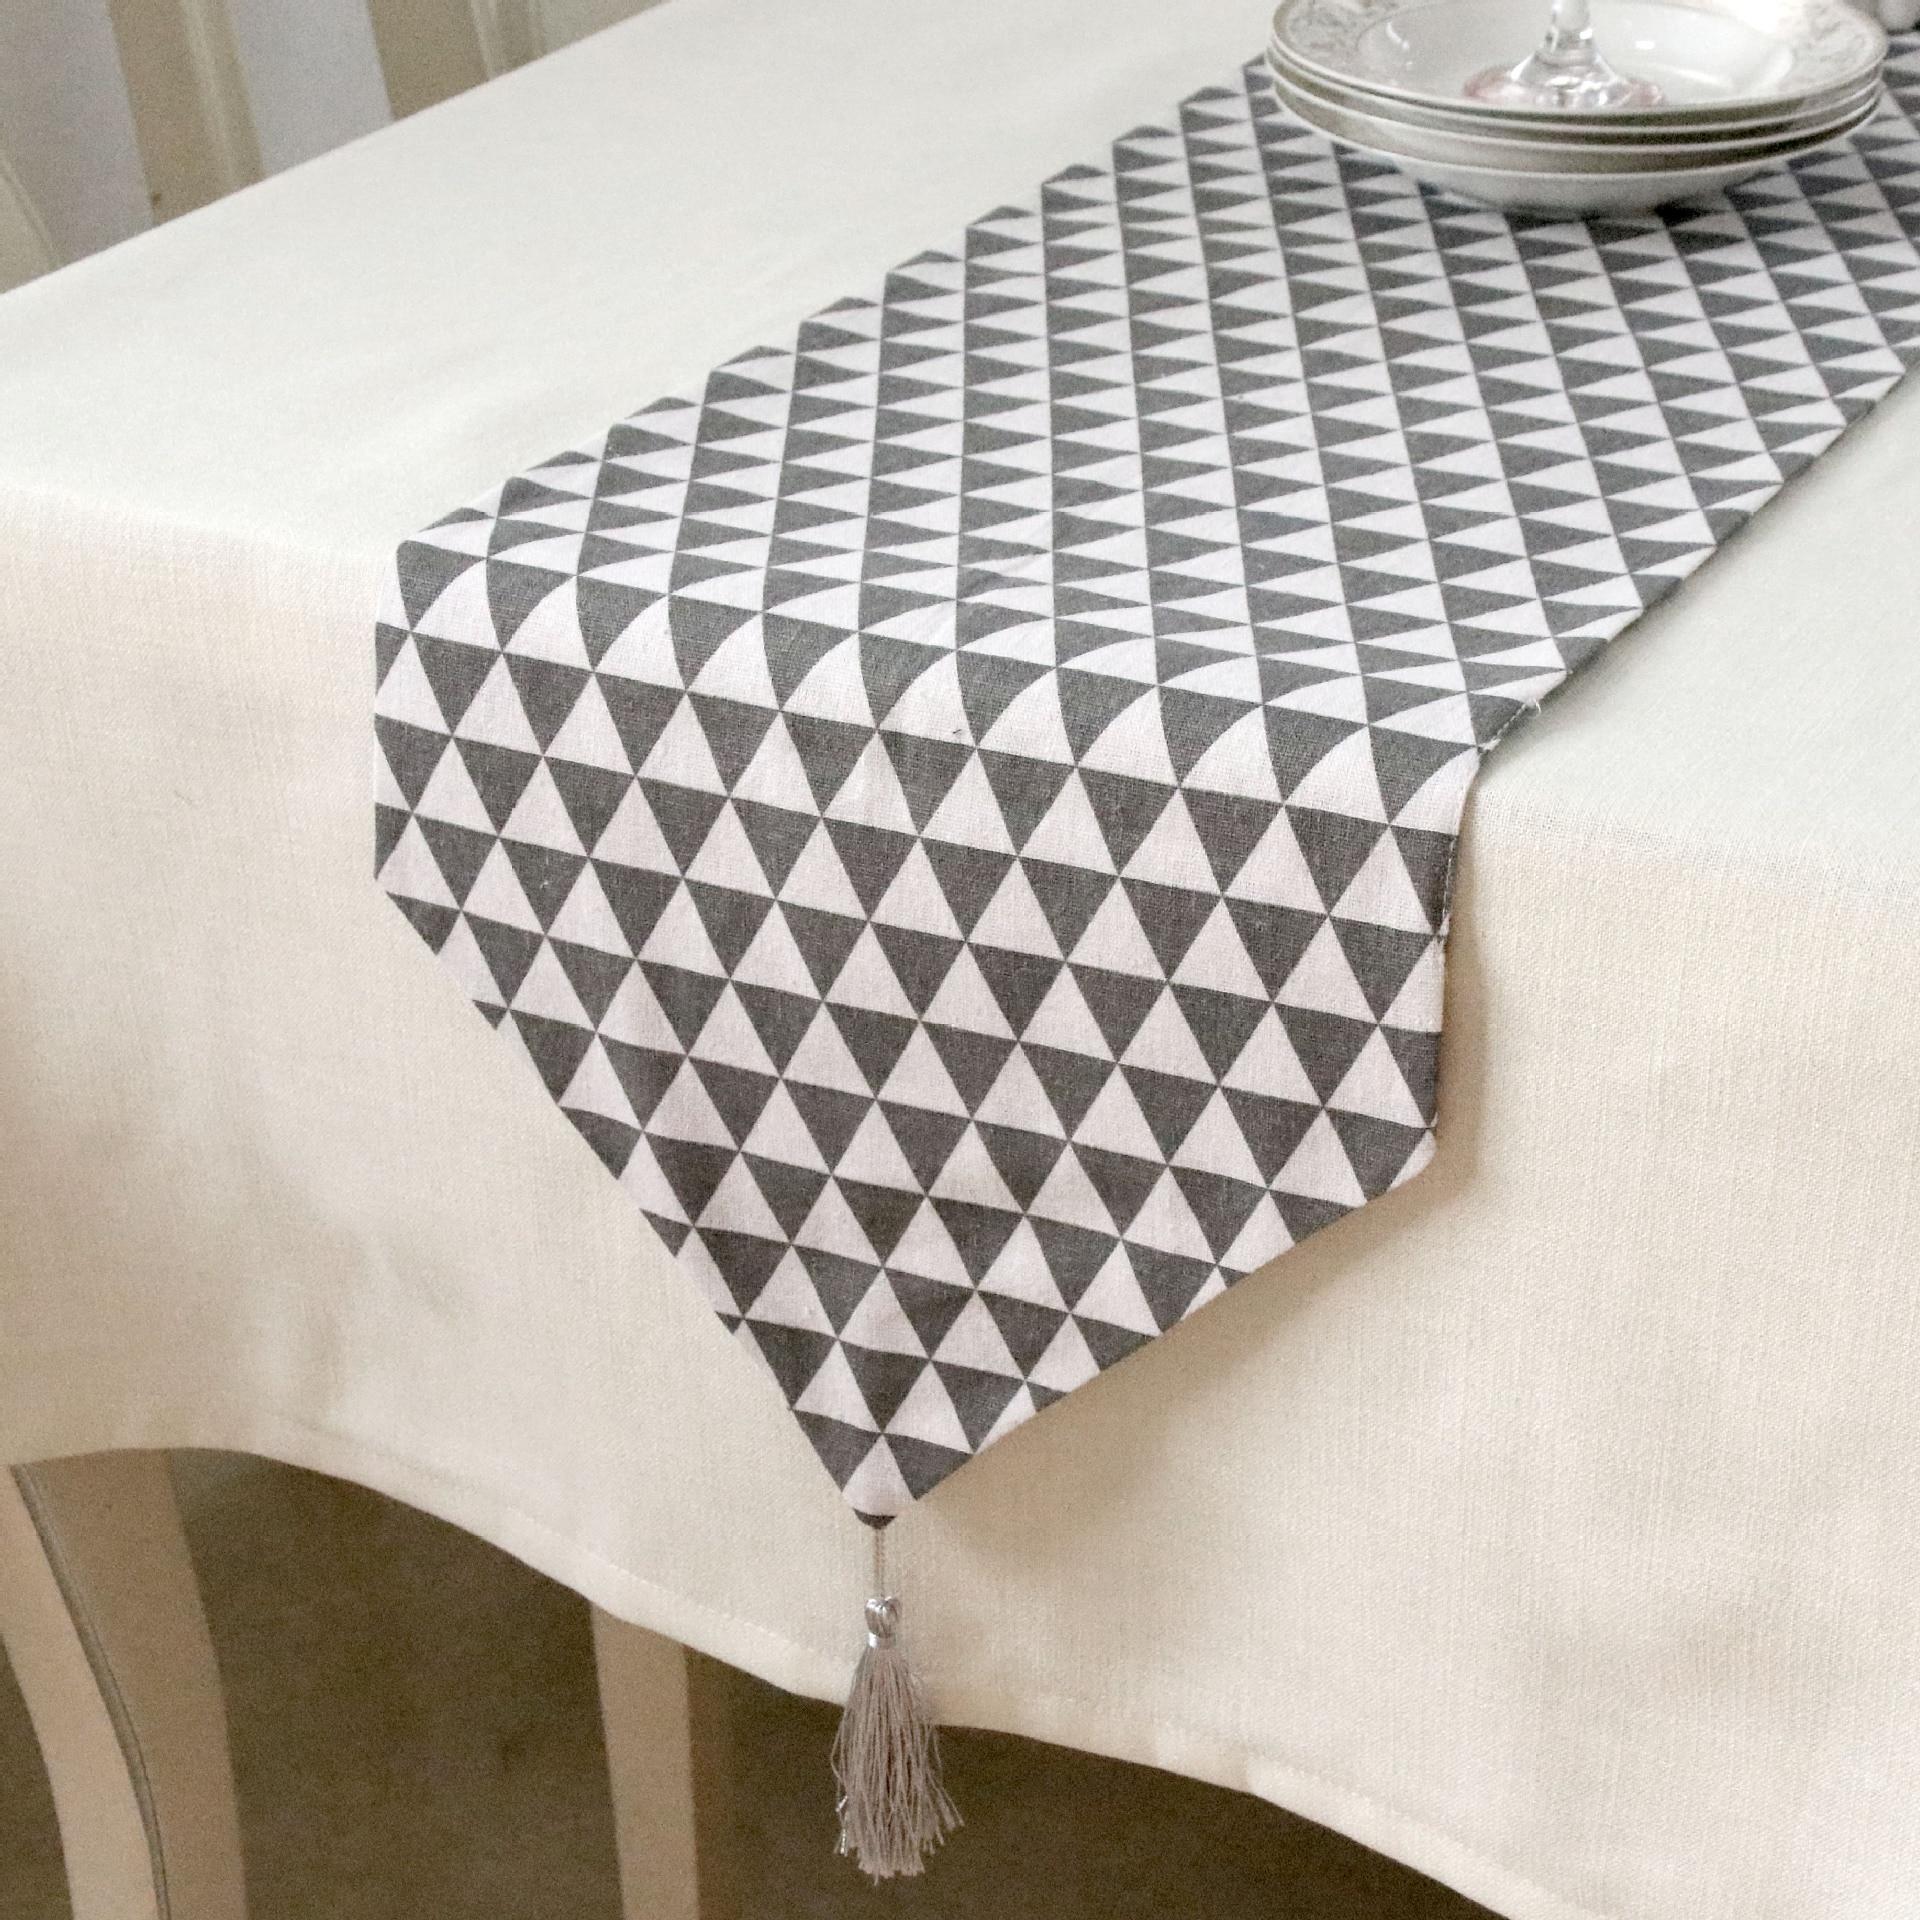 بسيطة وحديثة هندسية مثلث نمط الجدول عداء مع شرابة-قماش البوليستر زخارف أعلى الطاولة ديكور المنزل